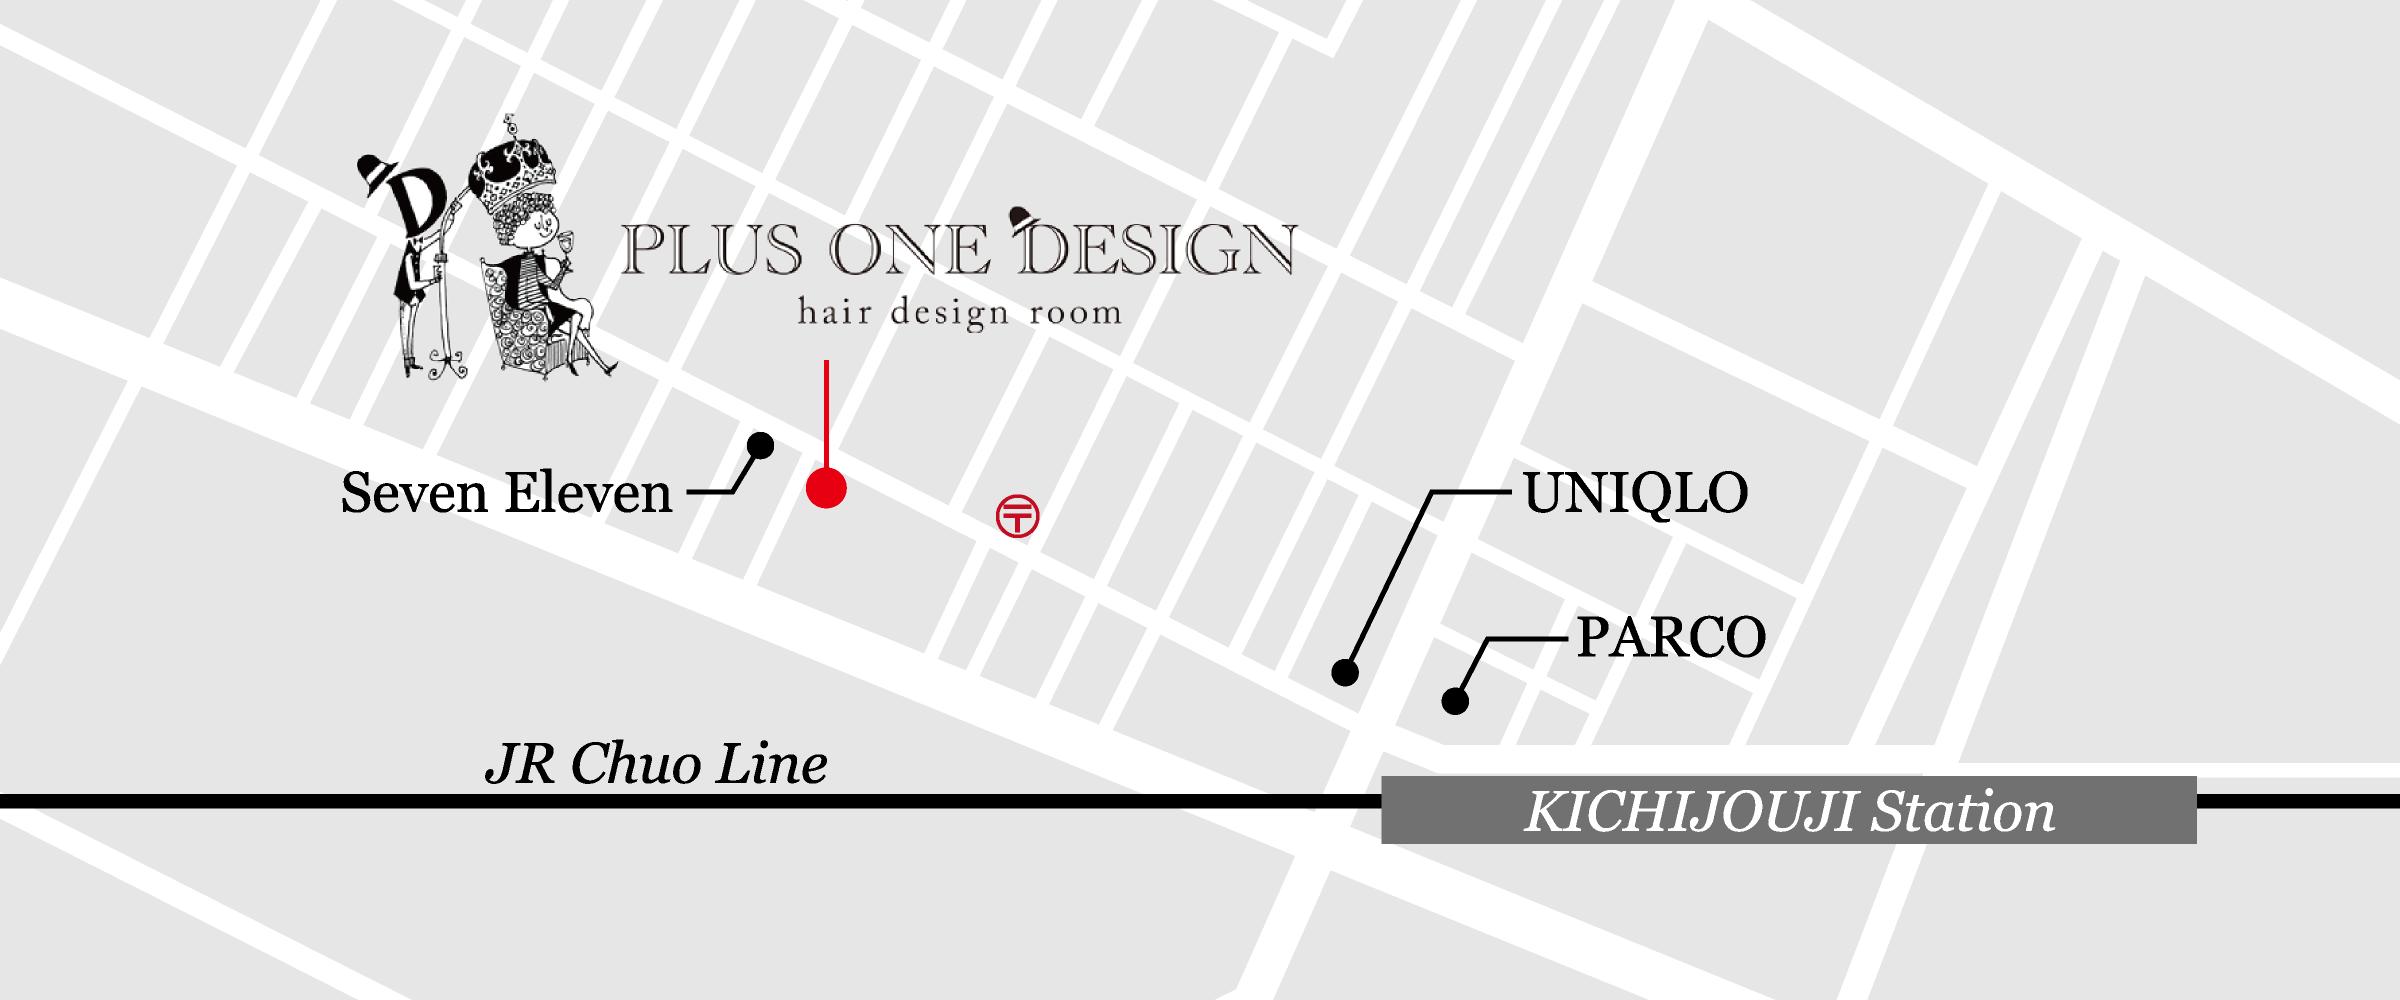 吉祥寺の美容院「プラスワンデザイン」マップ